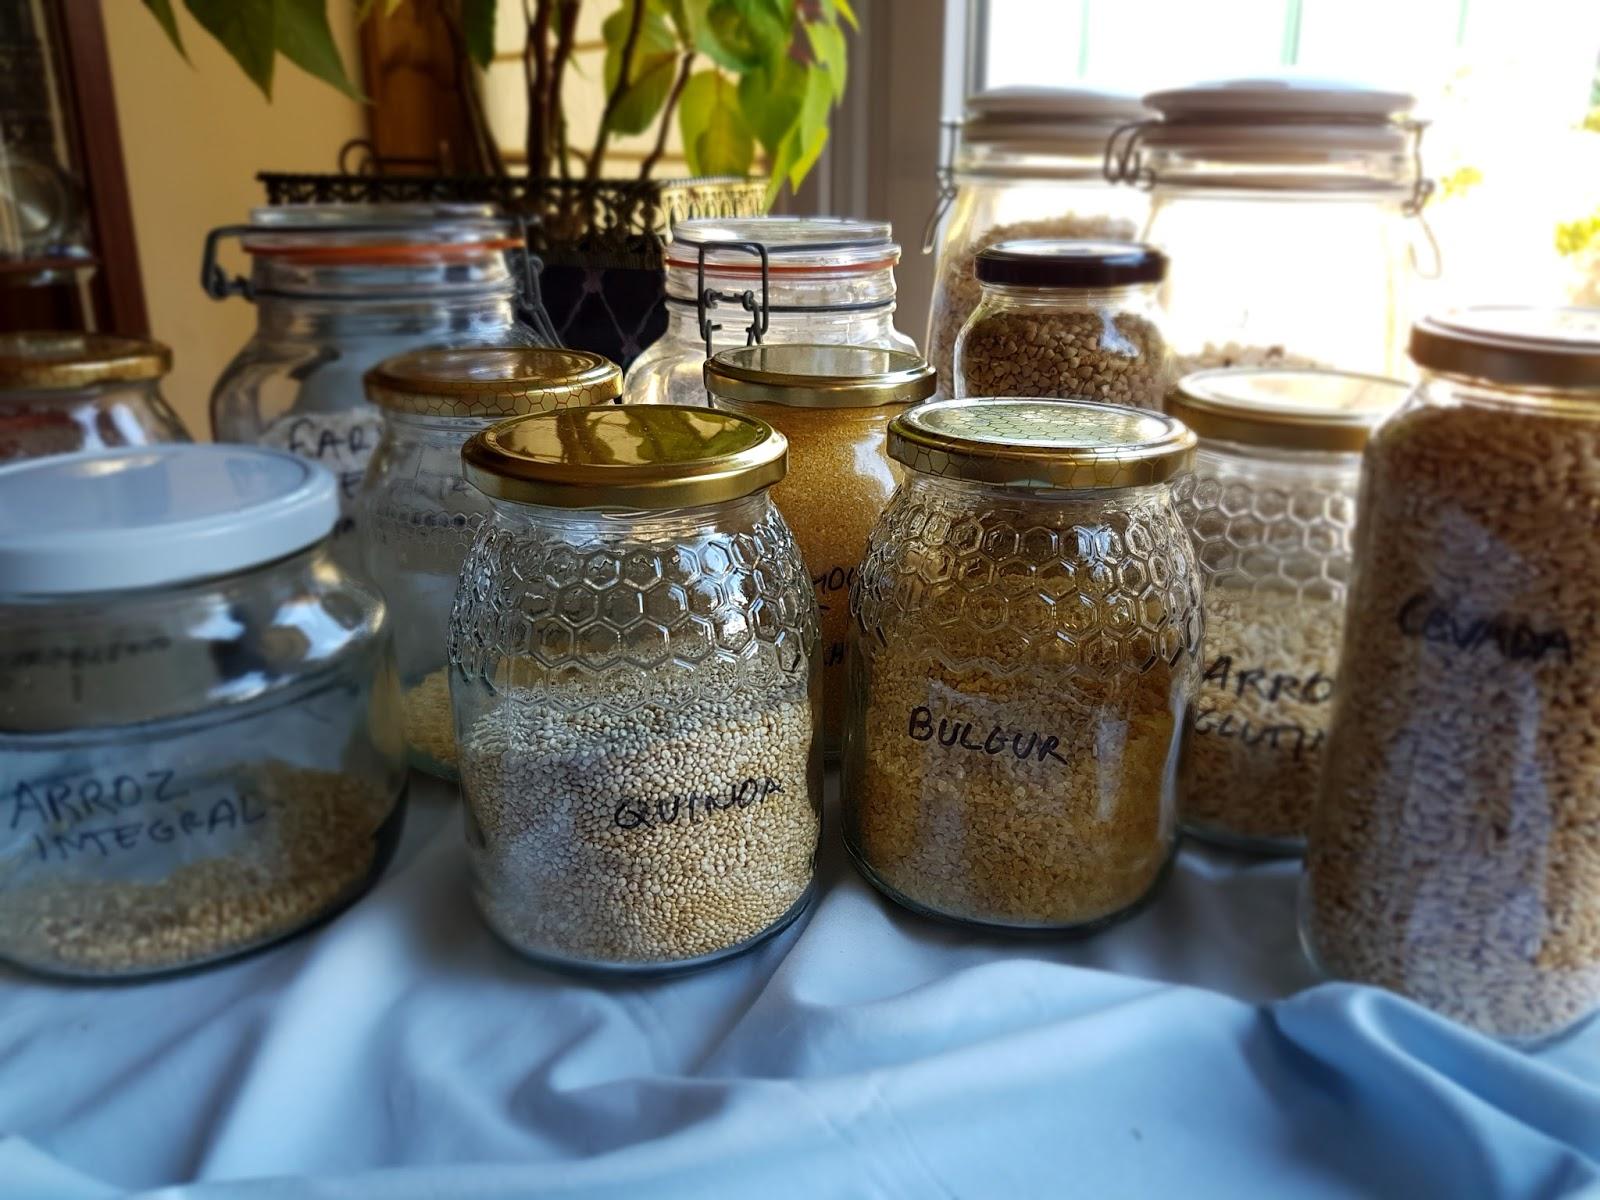 Frascos com vários cereais integrais, quinoa, bulgur, arroz, cevada.